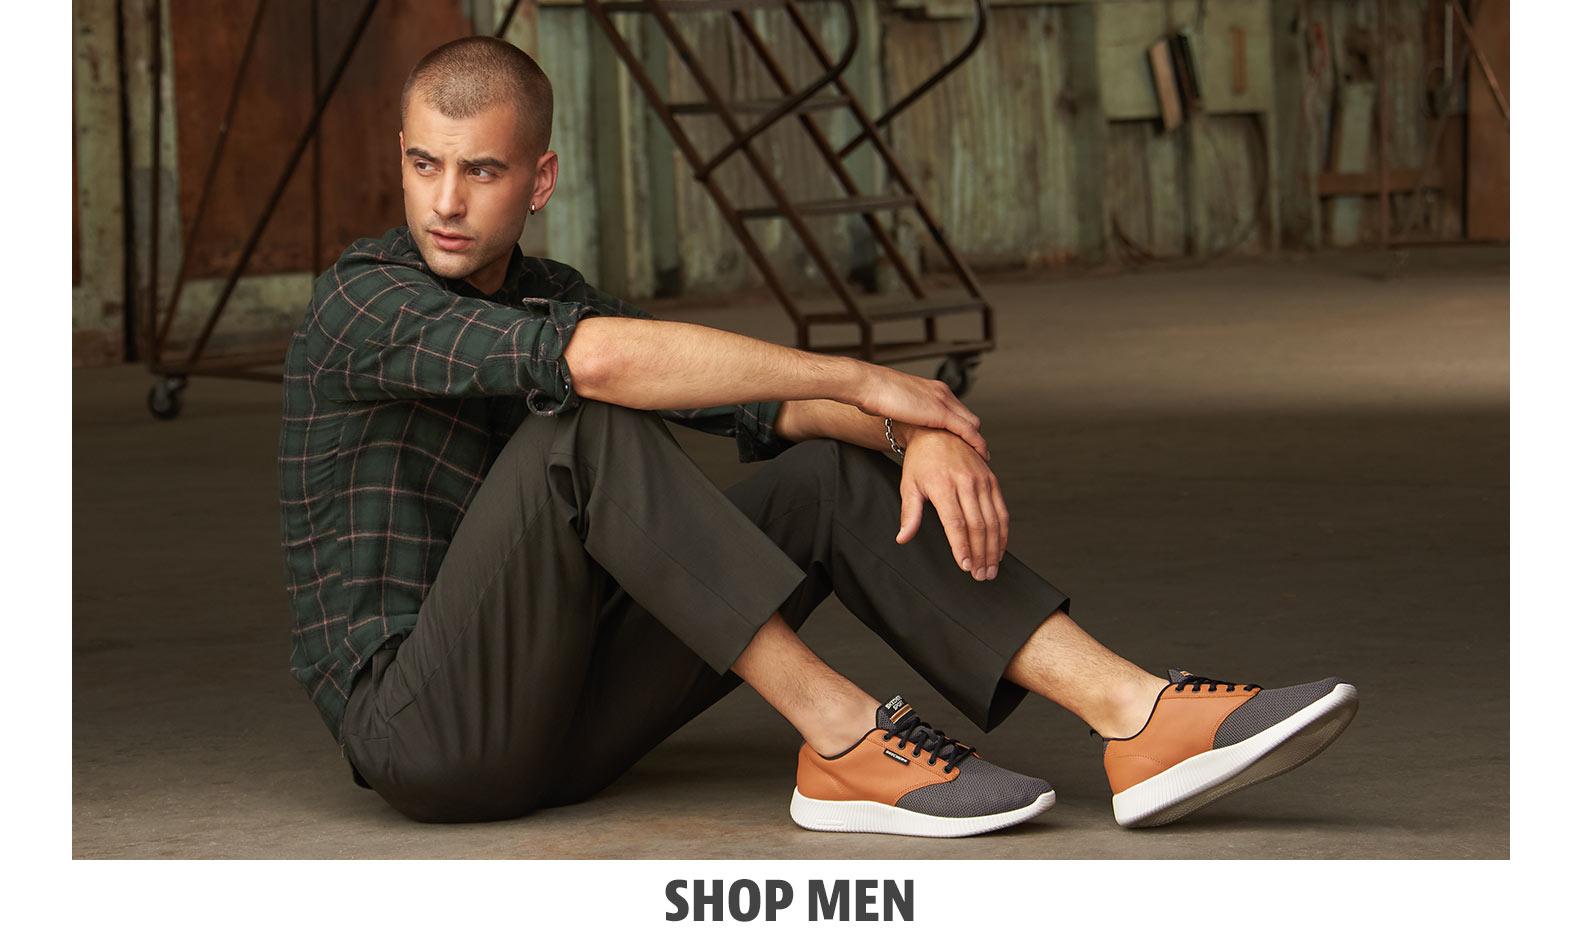 The North Face Men's Shoes, Fashion & Accessories | ZALANDO UK